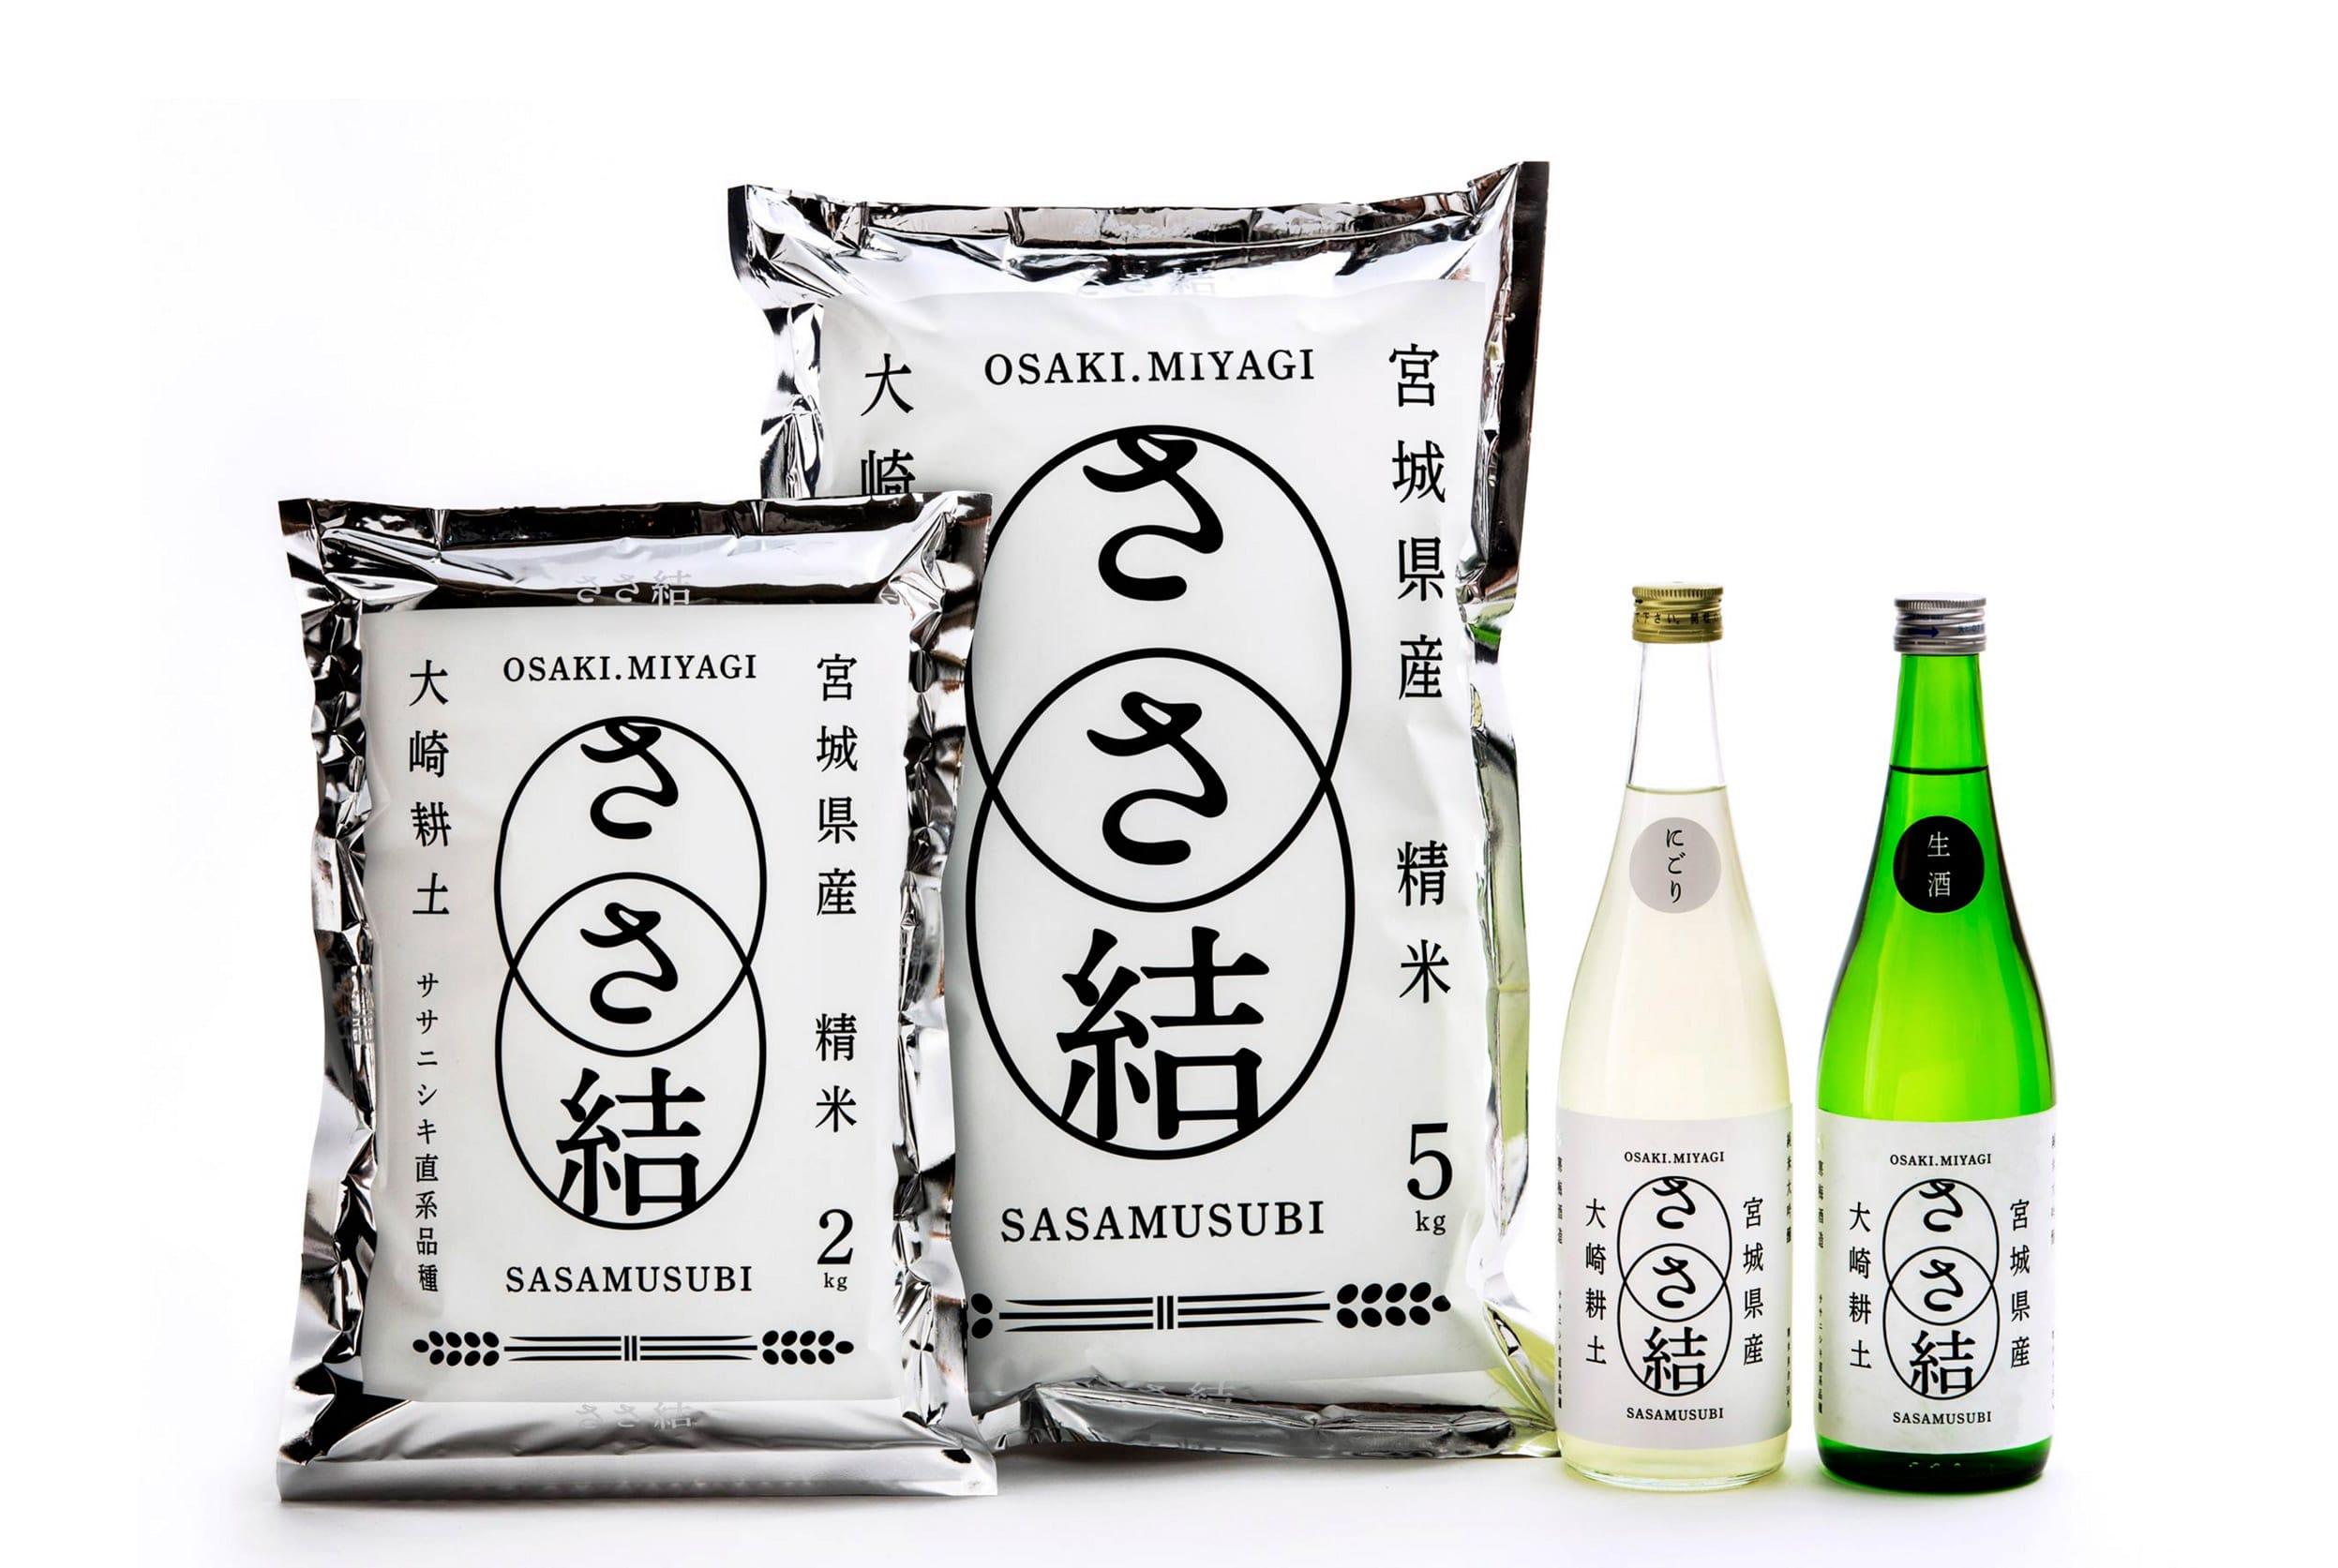 ササニシキを継承する、新しいお米の品種「ささ結び」のロゴマークとパッケージ。名前がストレートに力強く伝わり。白とシルバーのコントラストが目をひく。かっこいい。(難波)